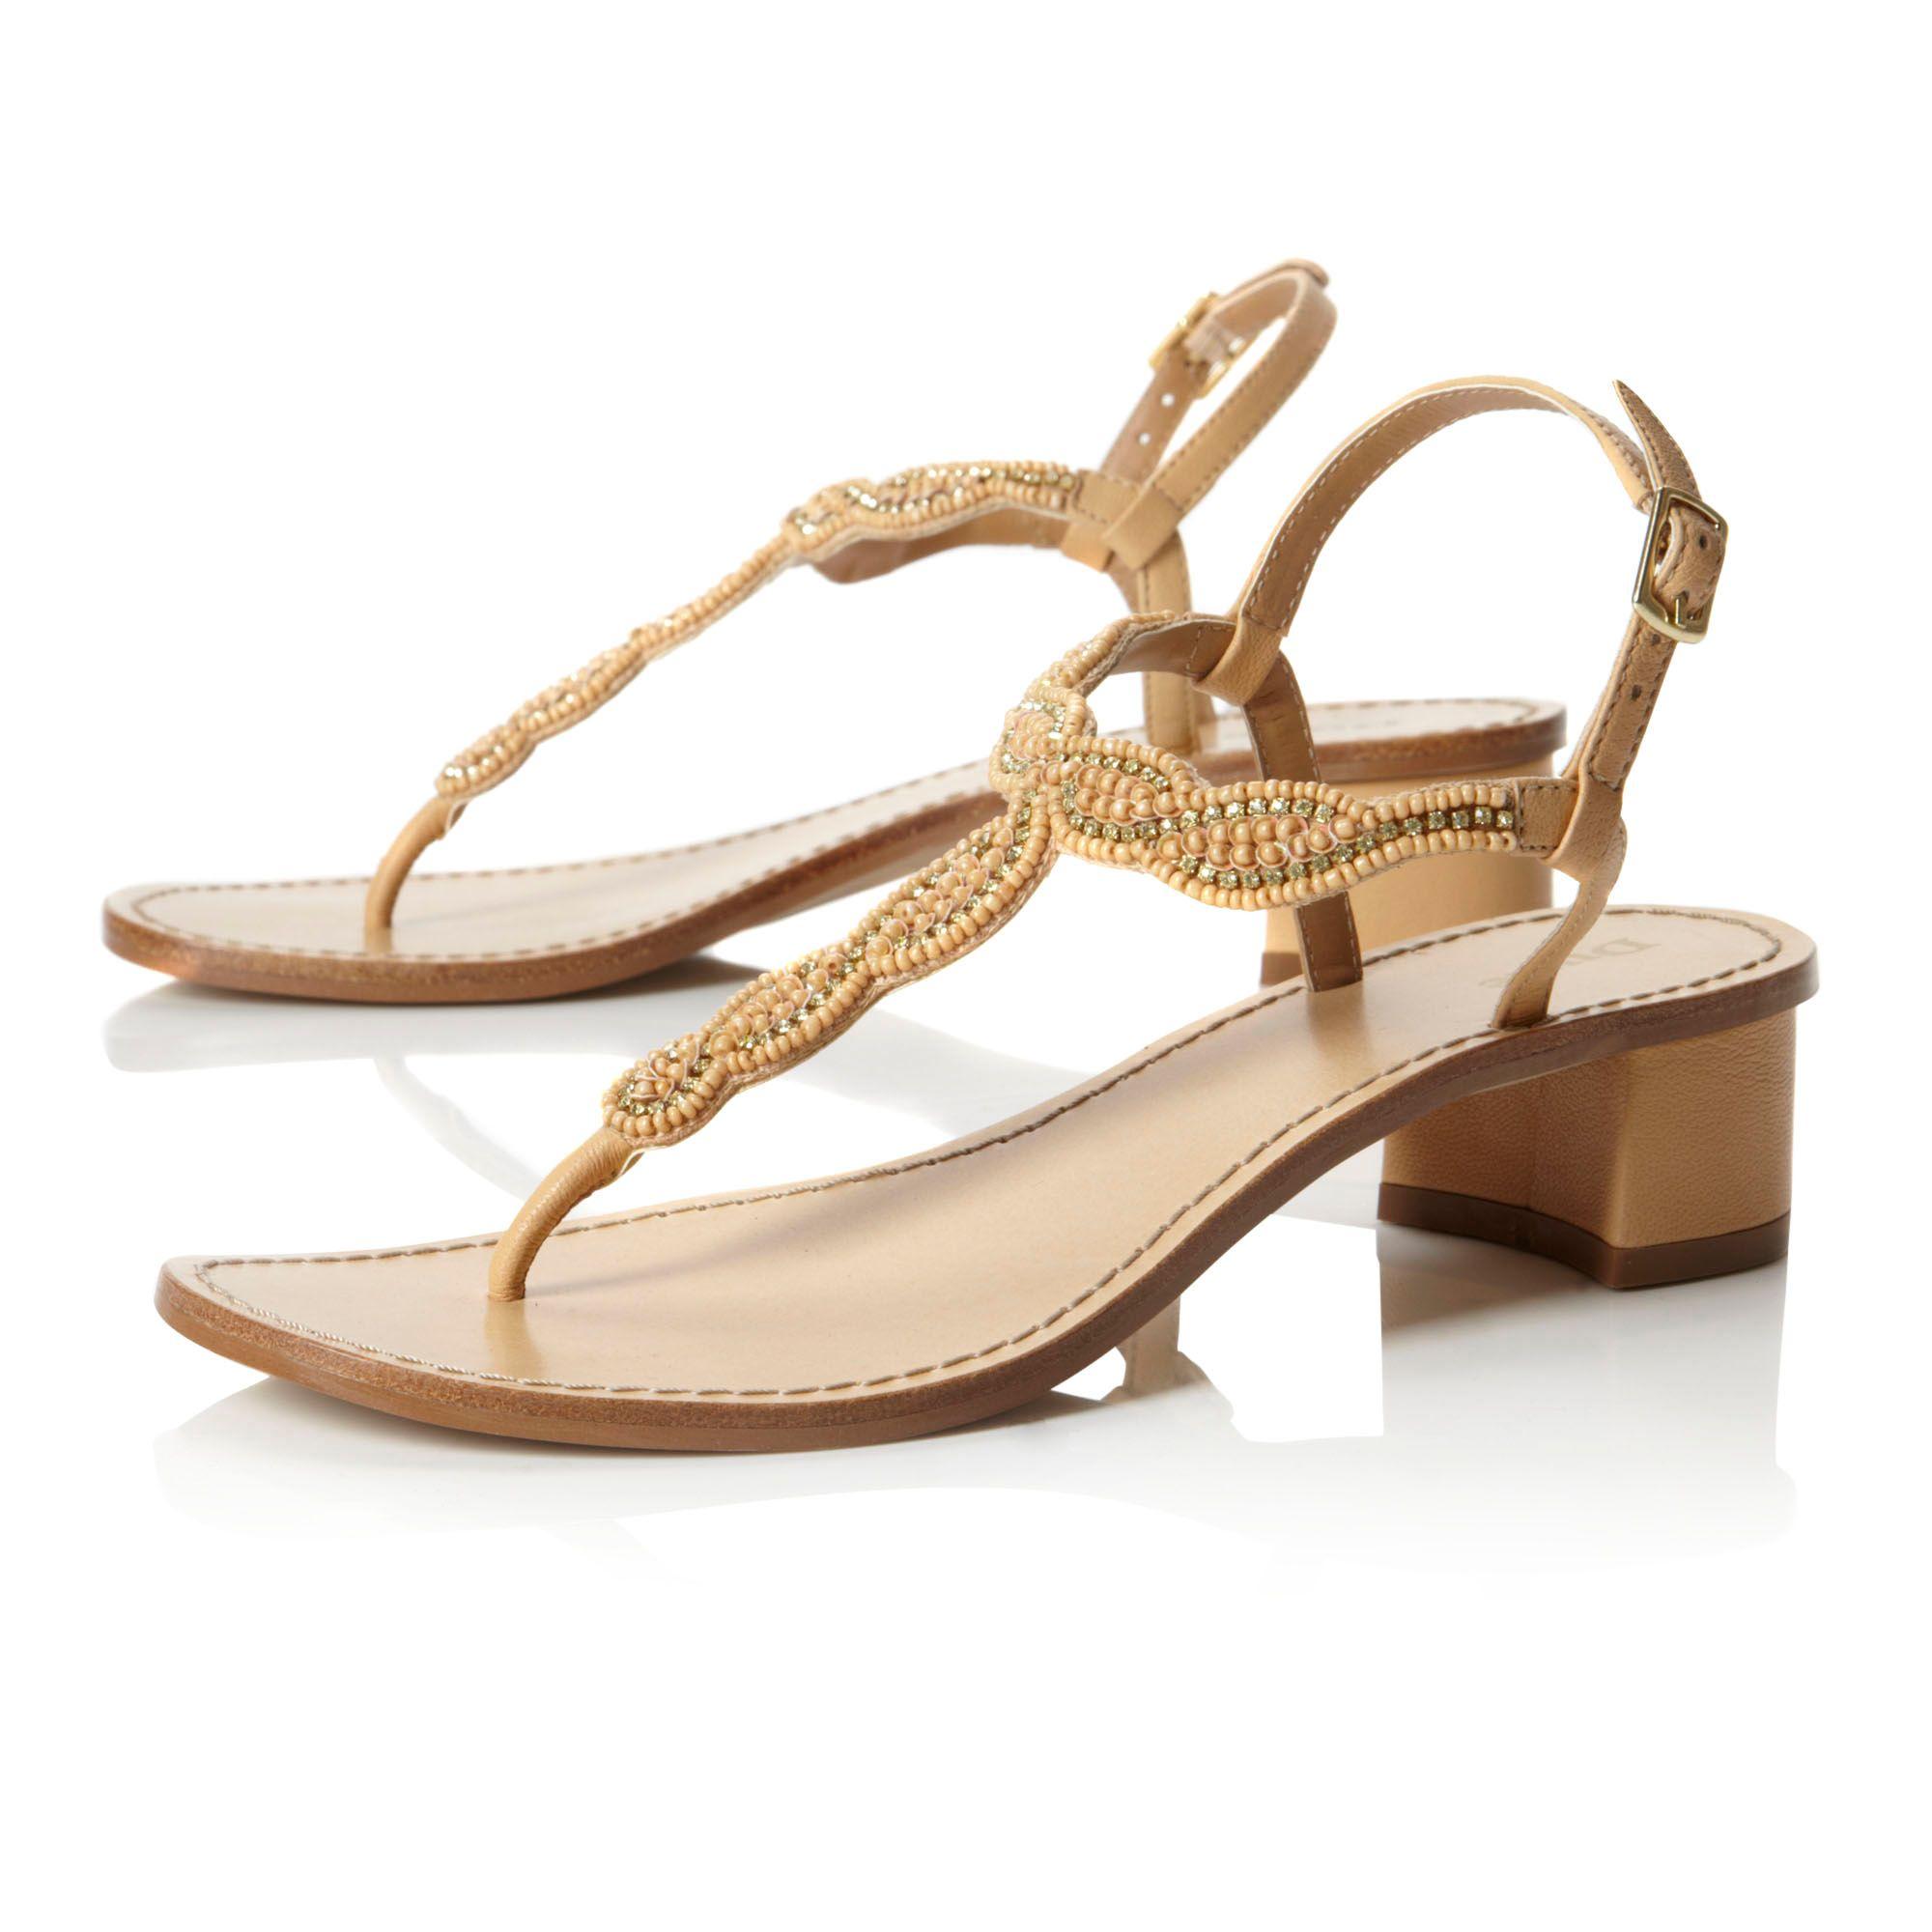 Beige Low Heel Dress Shoes